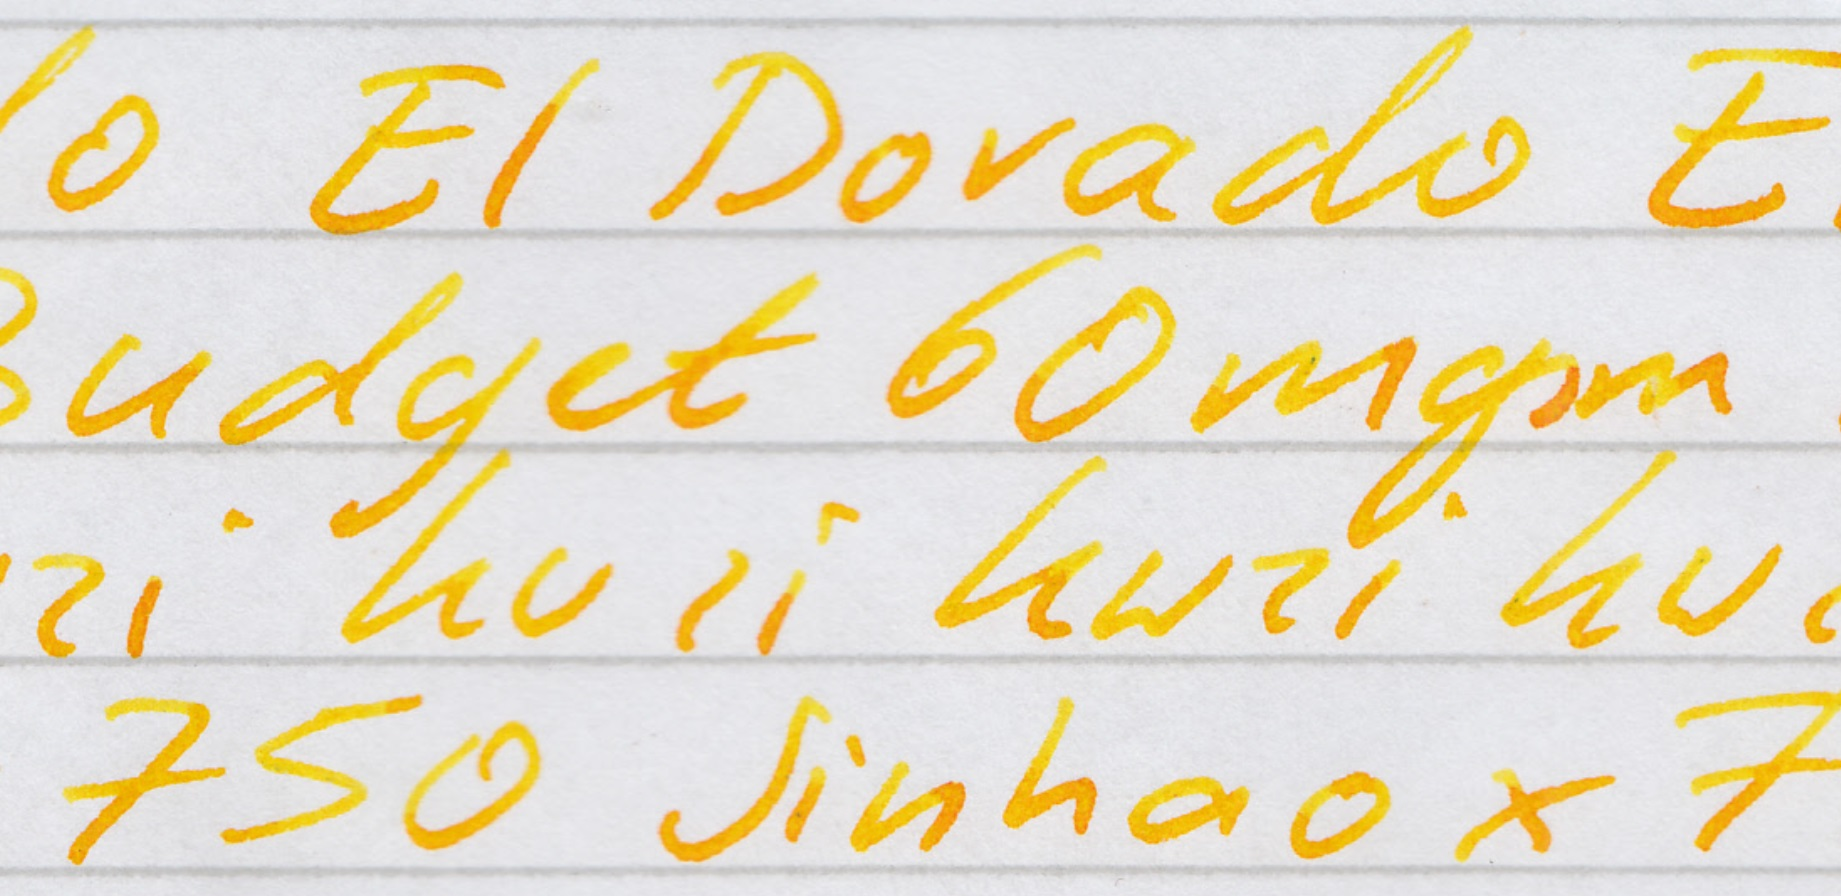 fpn_1479130293__eldorado_ly_2.jpg